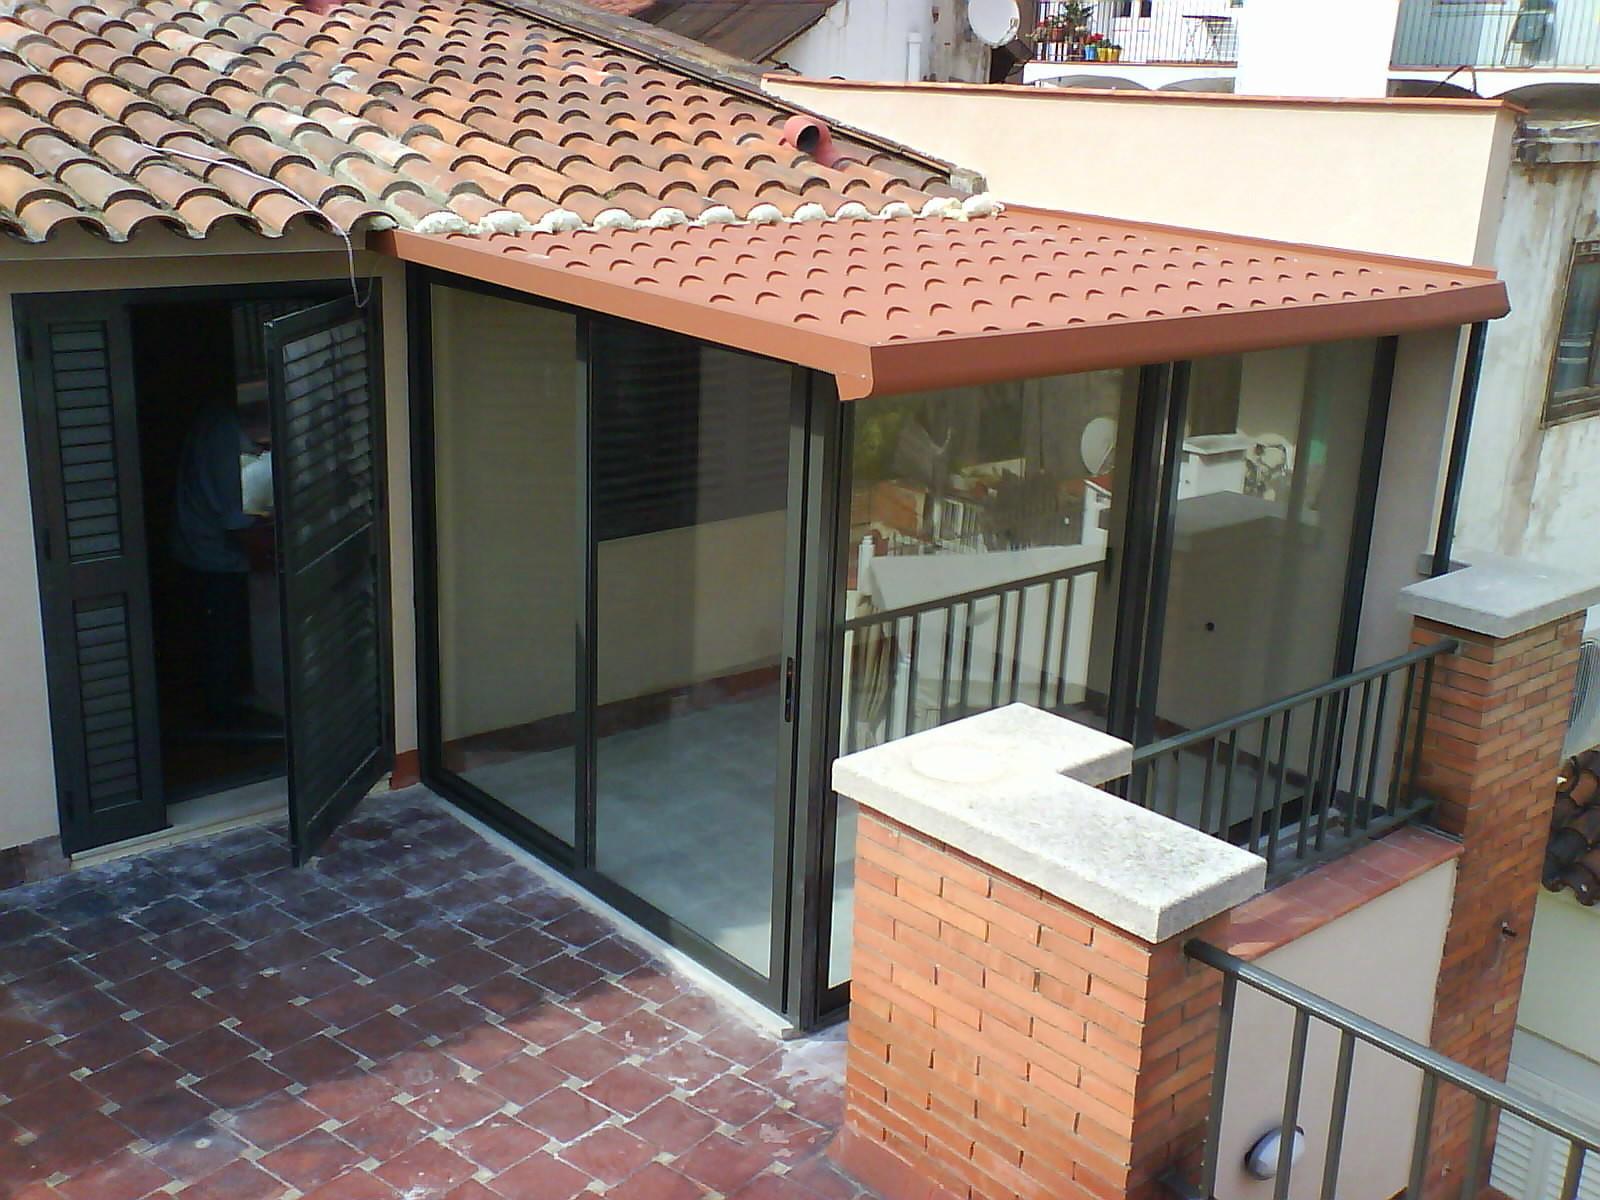 Cerramiento terraza carpinter a de aluminio barcelona for Cerramiento aluminio terraza